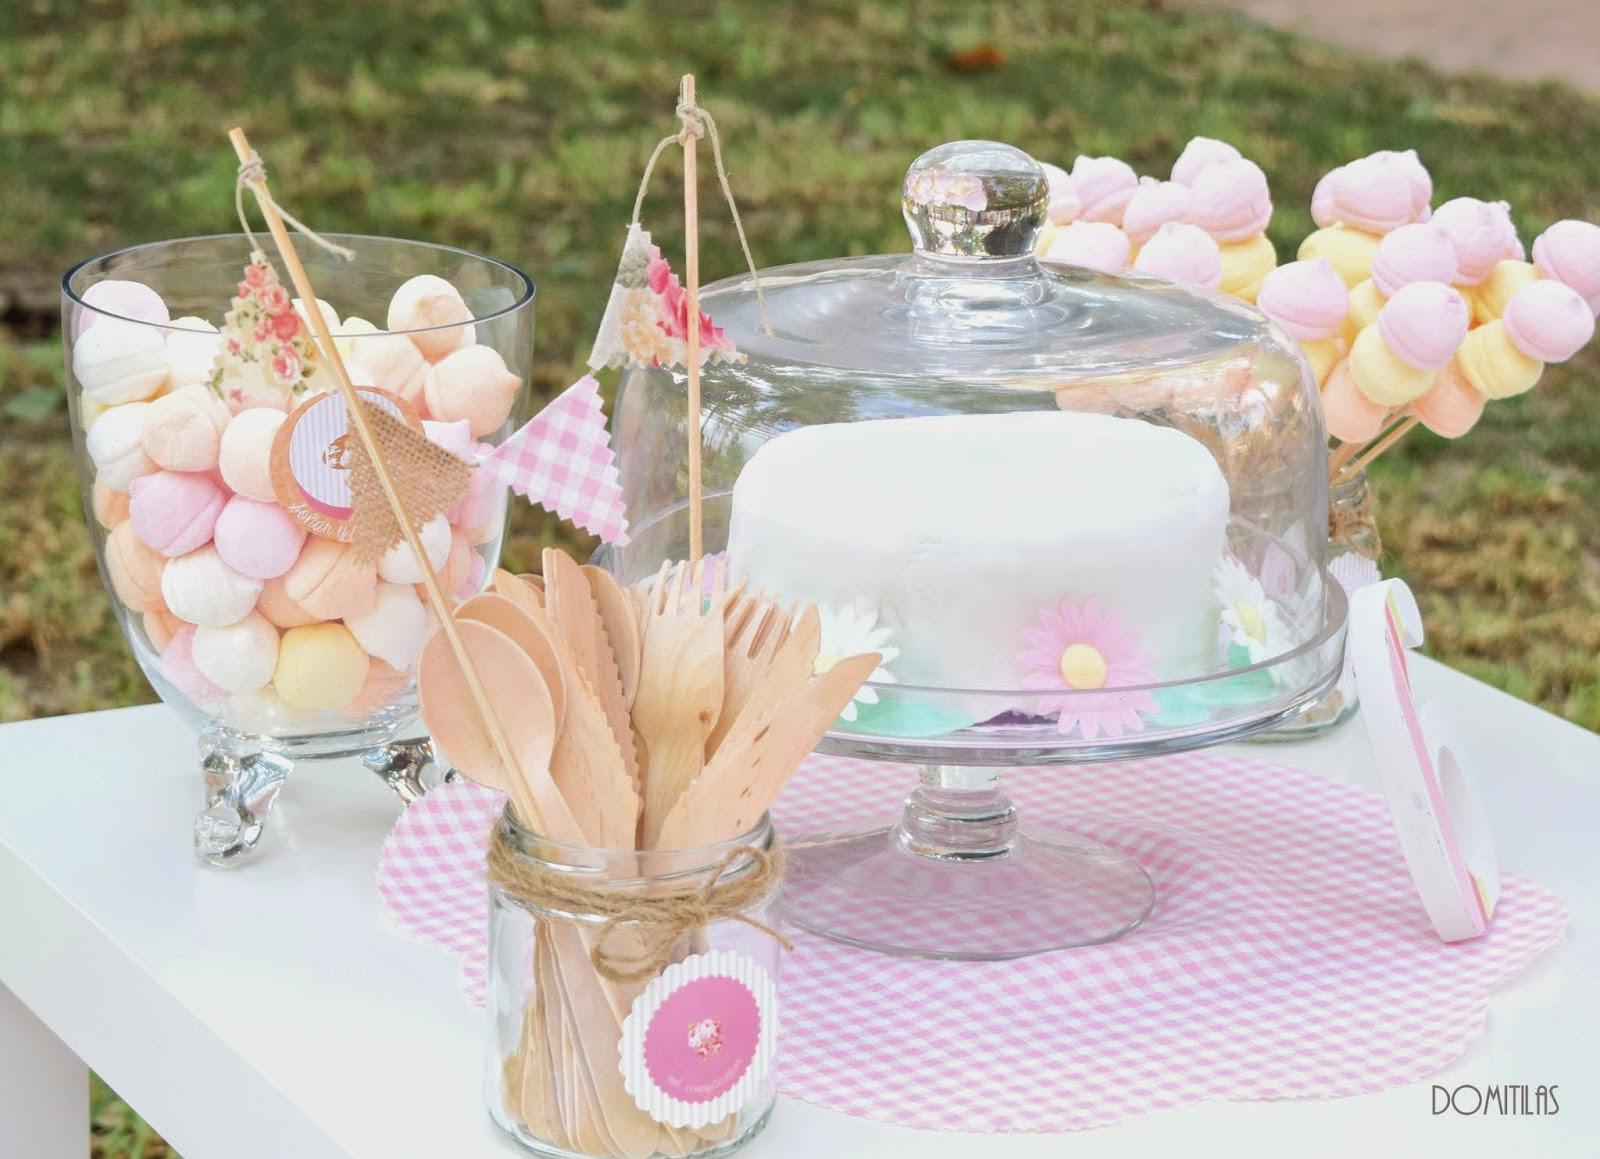 Un picnic al estilo domitilas domitilas fiestas - Pagina de decoracion ...